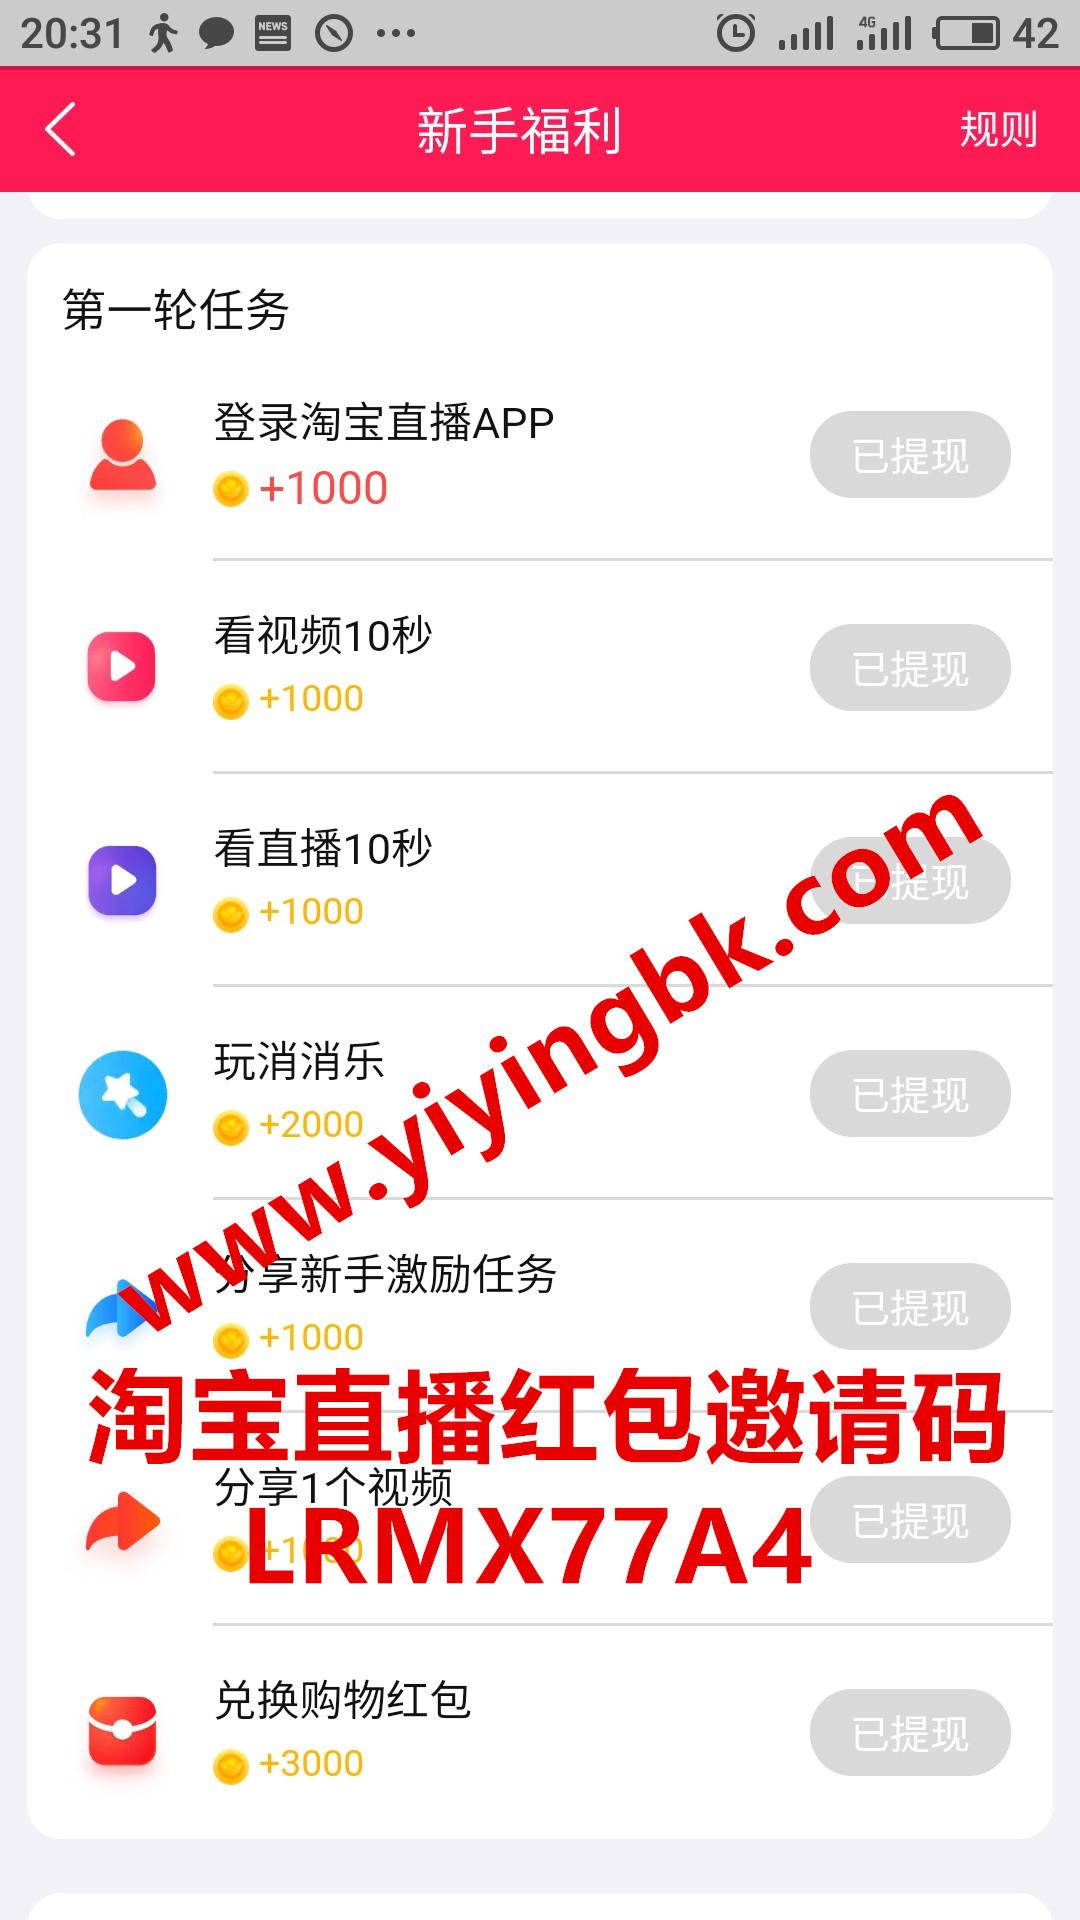 淘宝直播新手10元红包福利,直接提现支付宝秒到账。www.yiyingbk.com